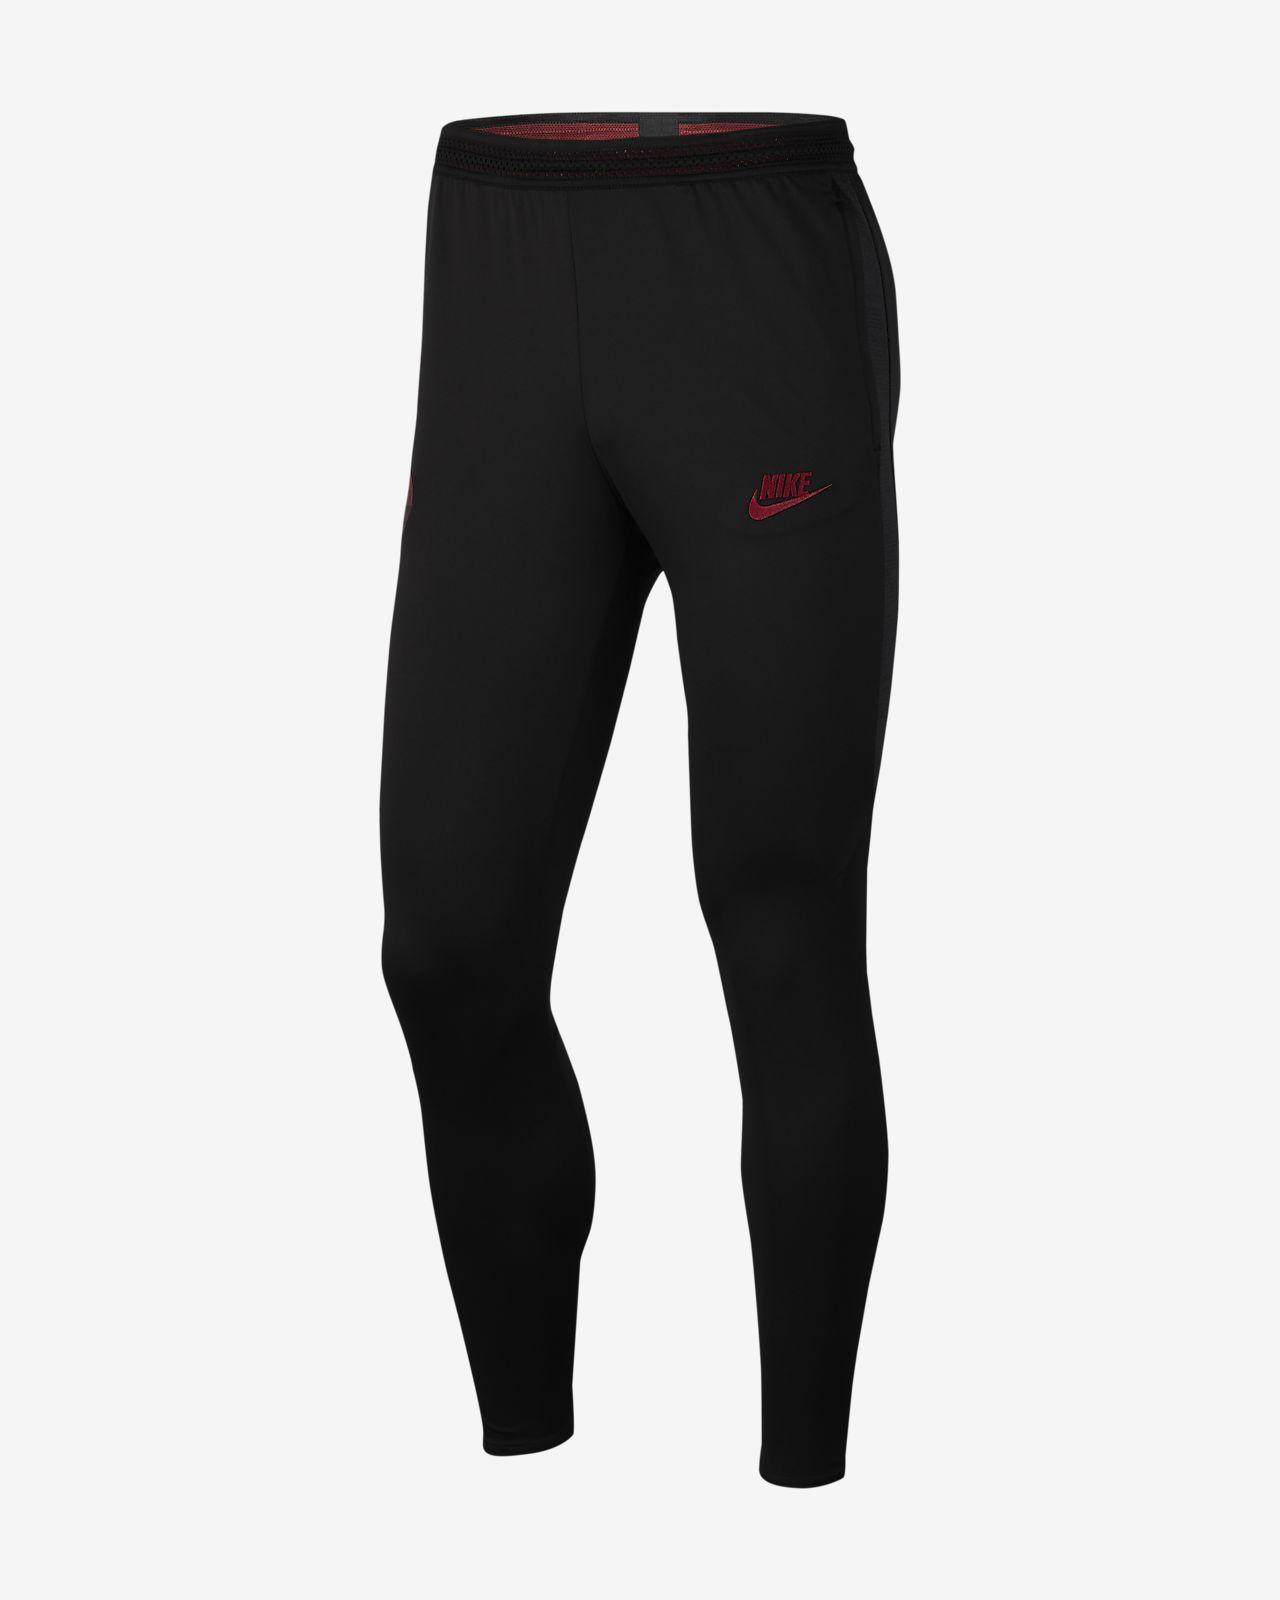 Pantalon de football Nike Dri-FIT A.S. Roma Strike pour Homme